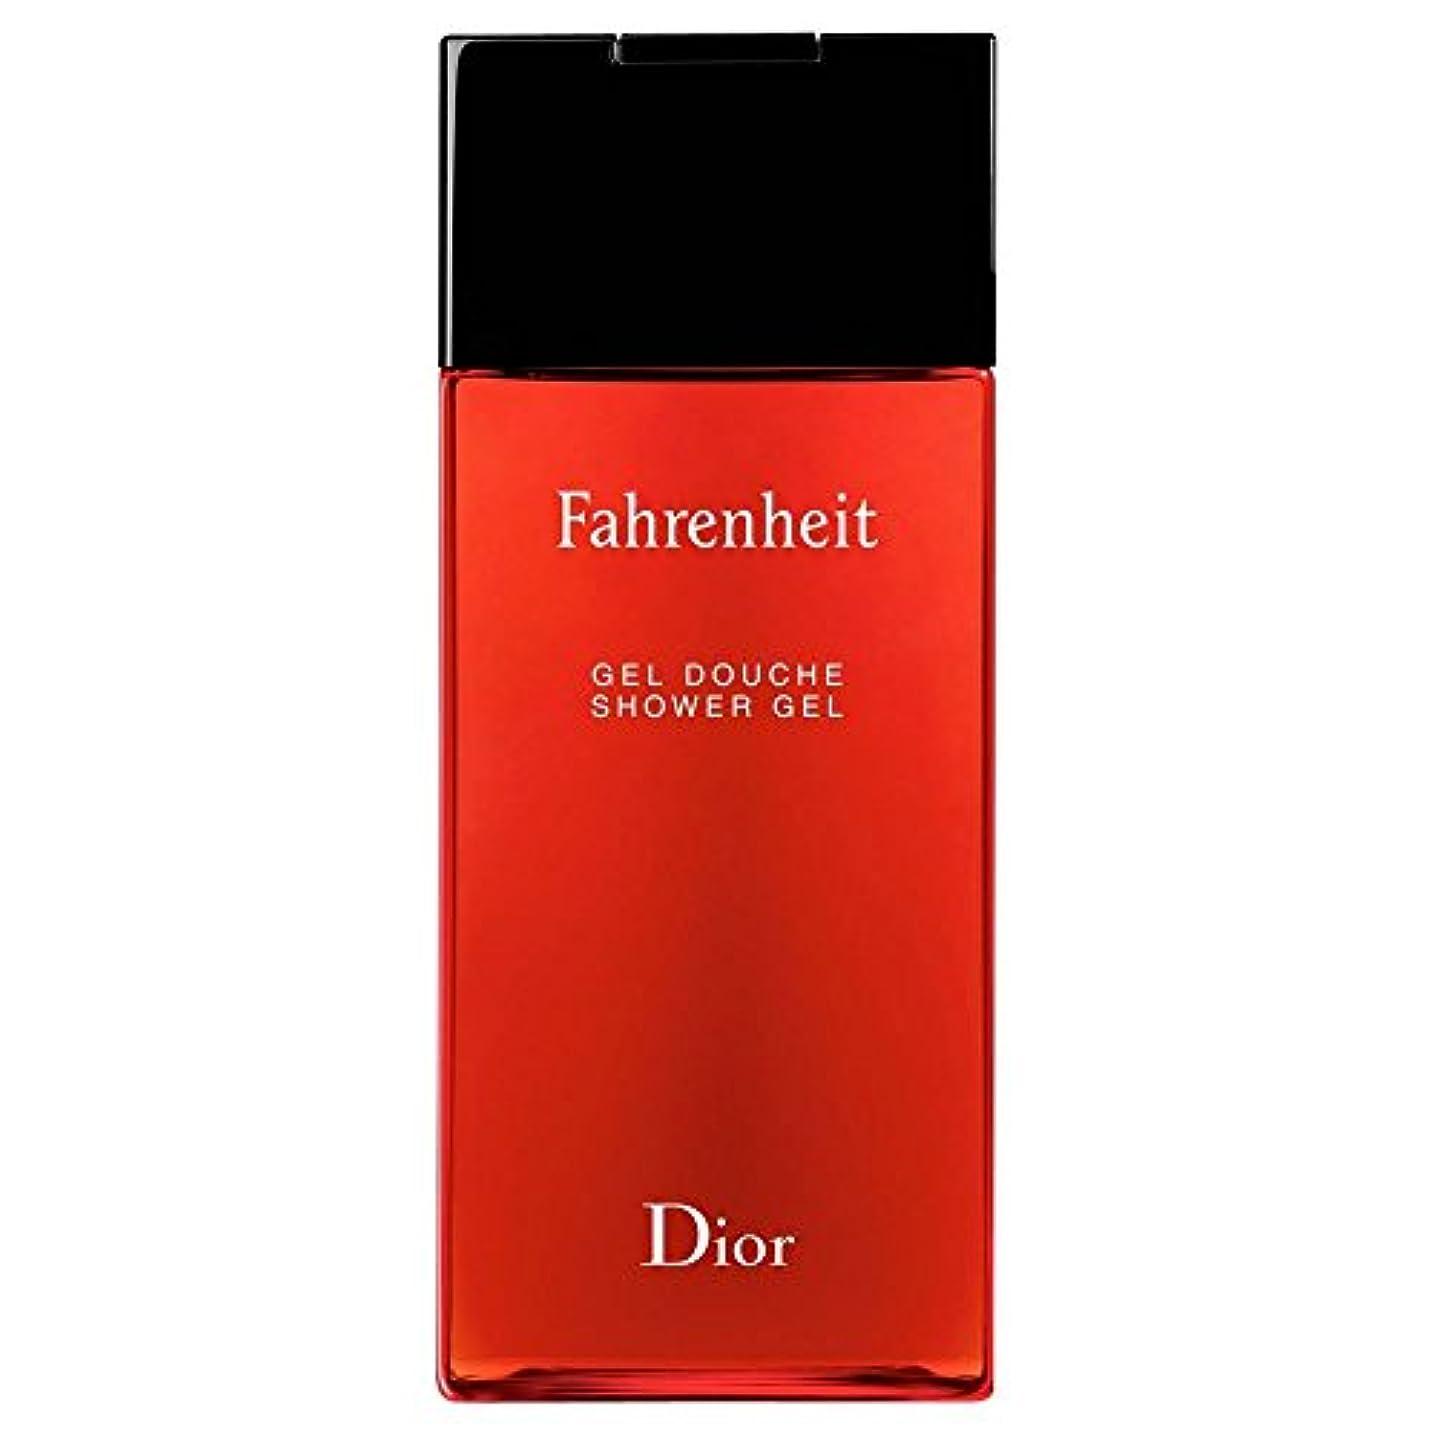 モック大きなスケールで見ると下に向けます[Dior] ディオール華氏発泡シャワージェル200Ml - Dior Fahrenheit Foaming Shower Gel 200ml [並行輸入品]